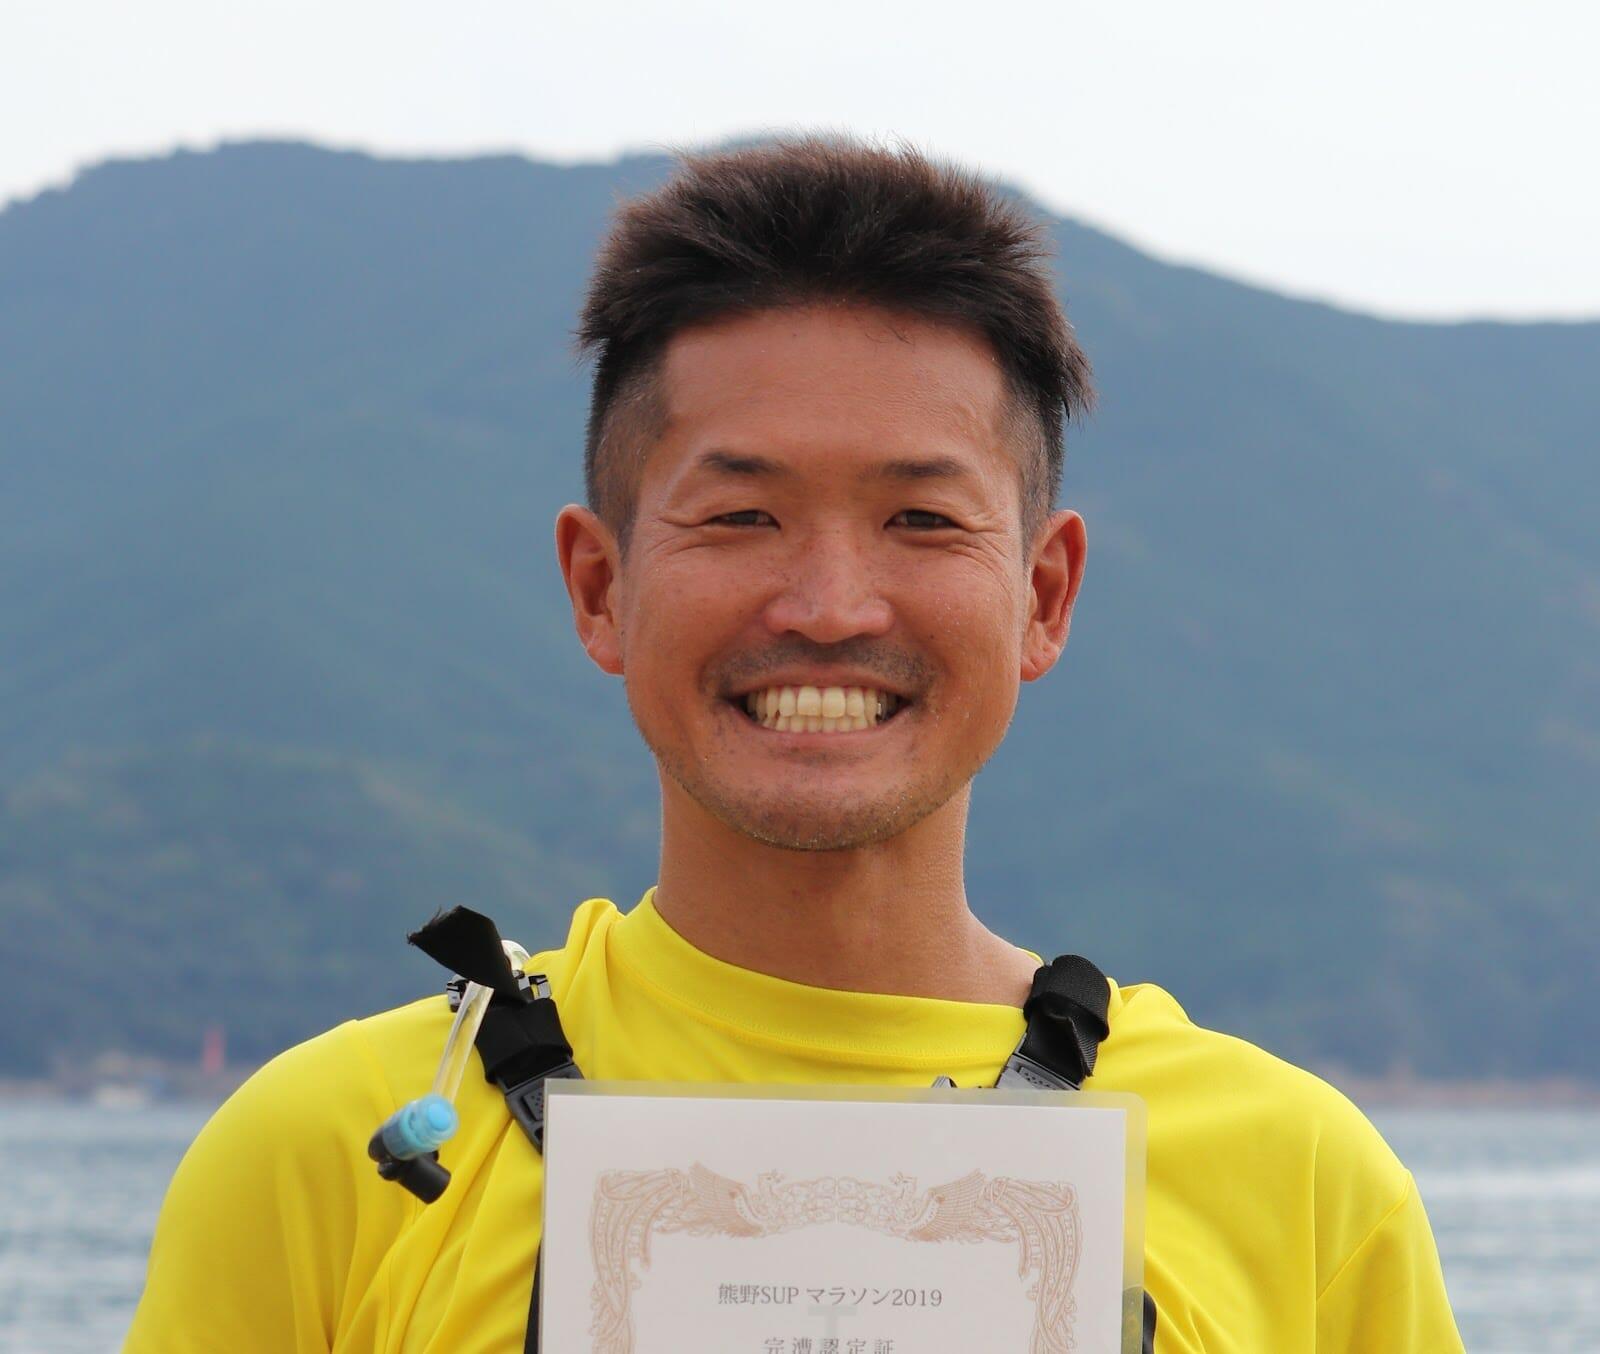 Ryuhei Tominaga